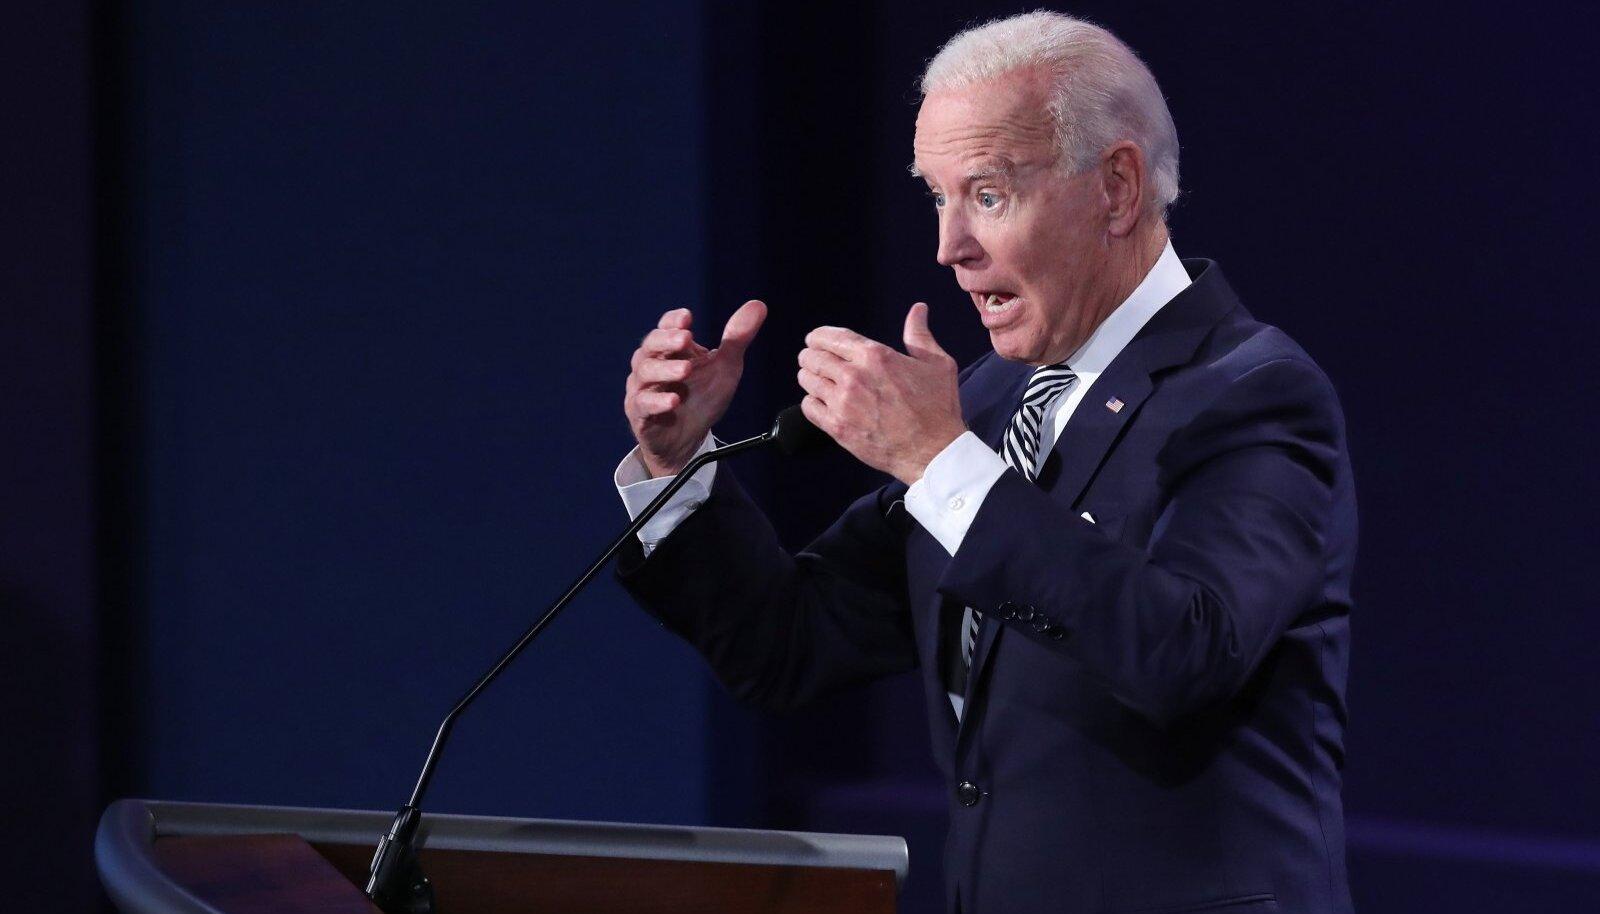 Biden on tuntud avalikel esinemistel juhtunud keelevääratuste poolest, mille ta ise paneb elupõlise kogelemise arvele.